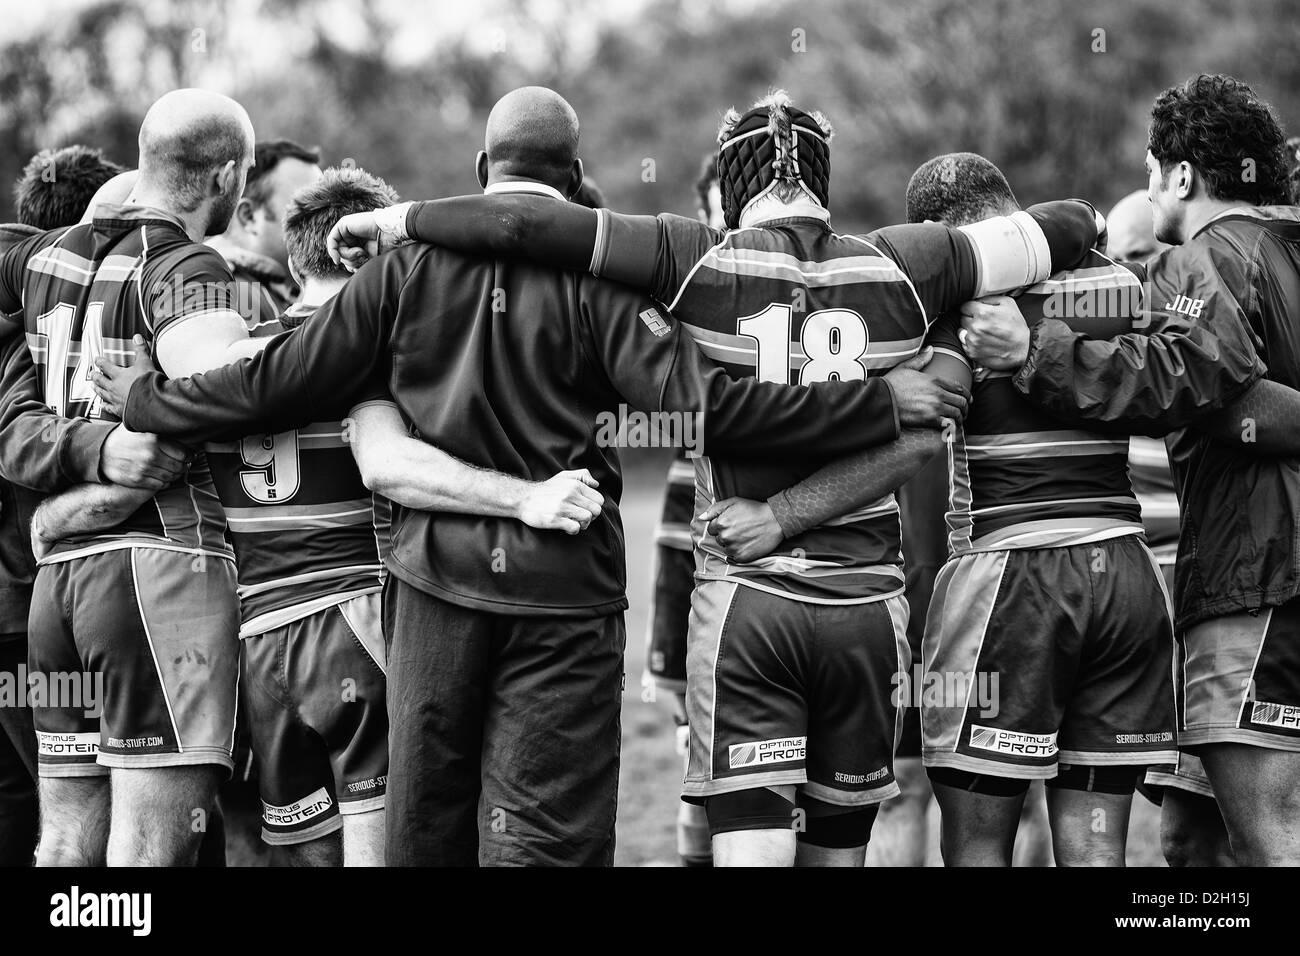 Un equipo de jugadores de rugby se apiñan después de un partido Imagen De Stock